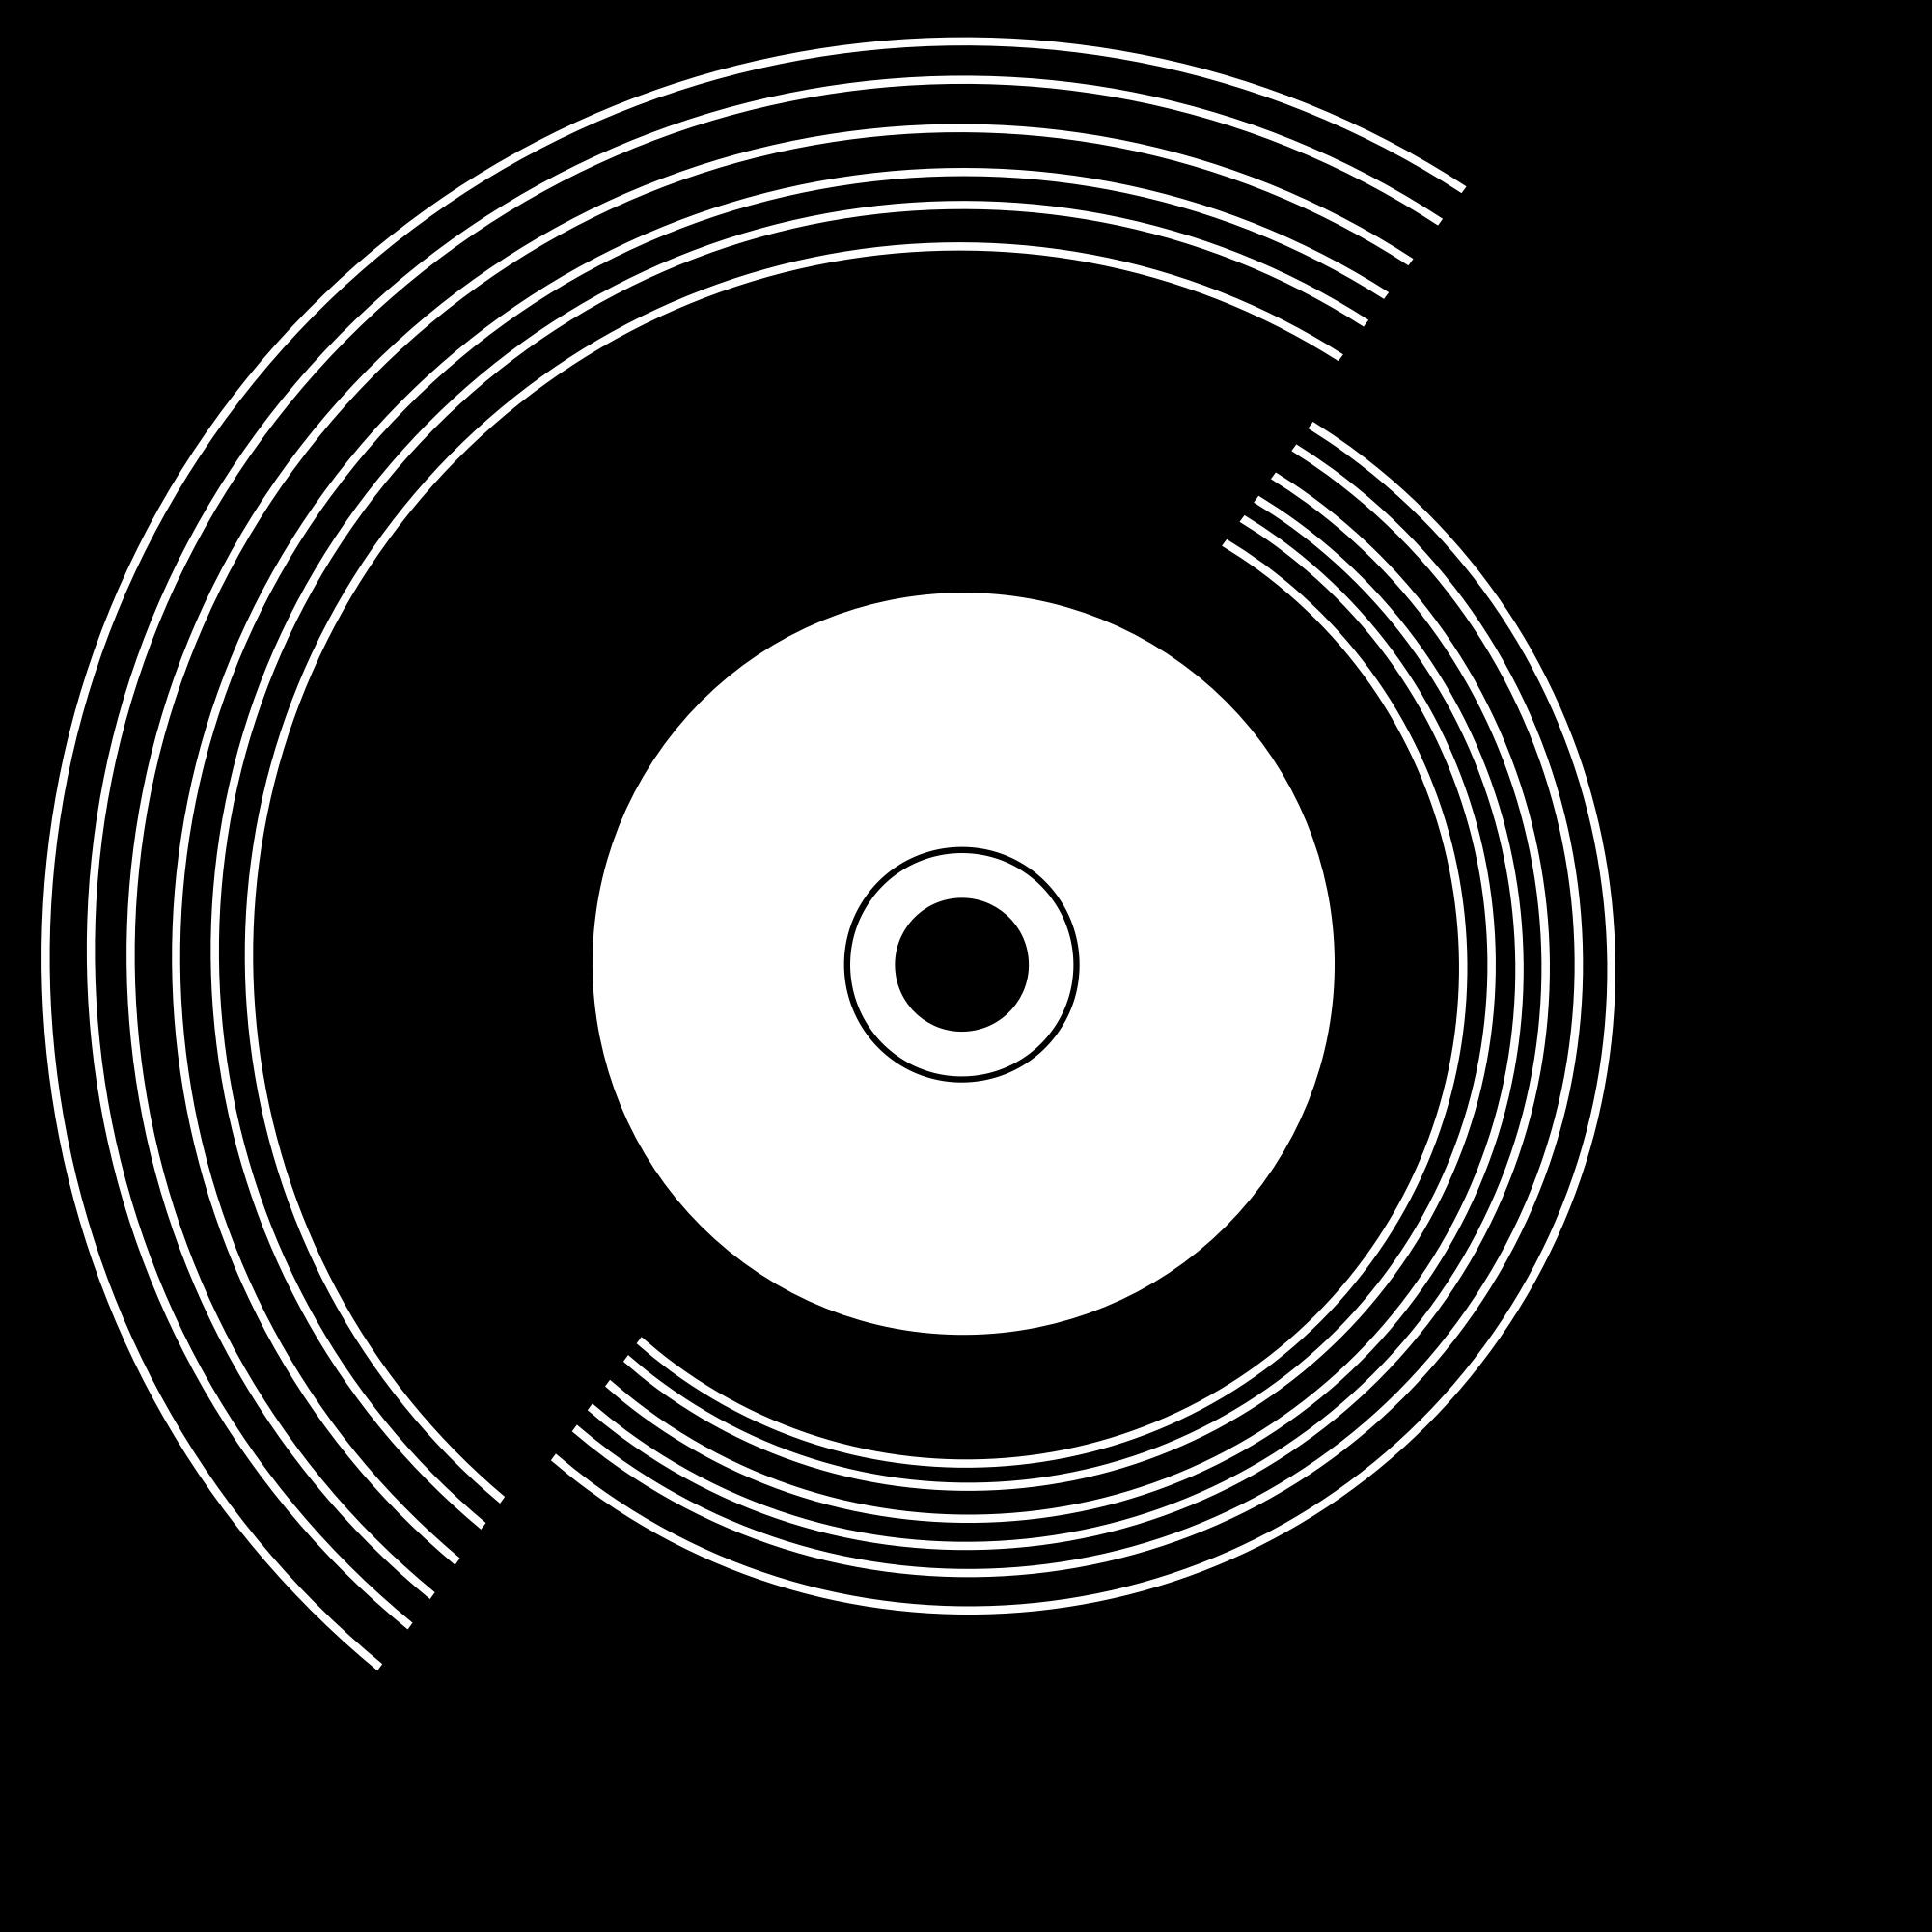 Xqjfchpotdssrixo1jmb_a4952a8890697e0cbee993ce11ed25dc_raseone-record-1-record-clipart-black-and-white_2003-2003